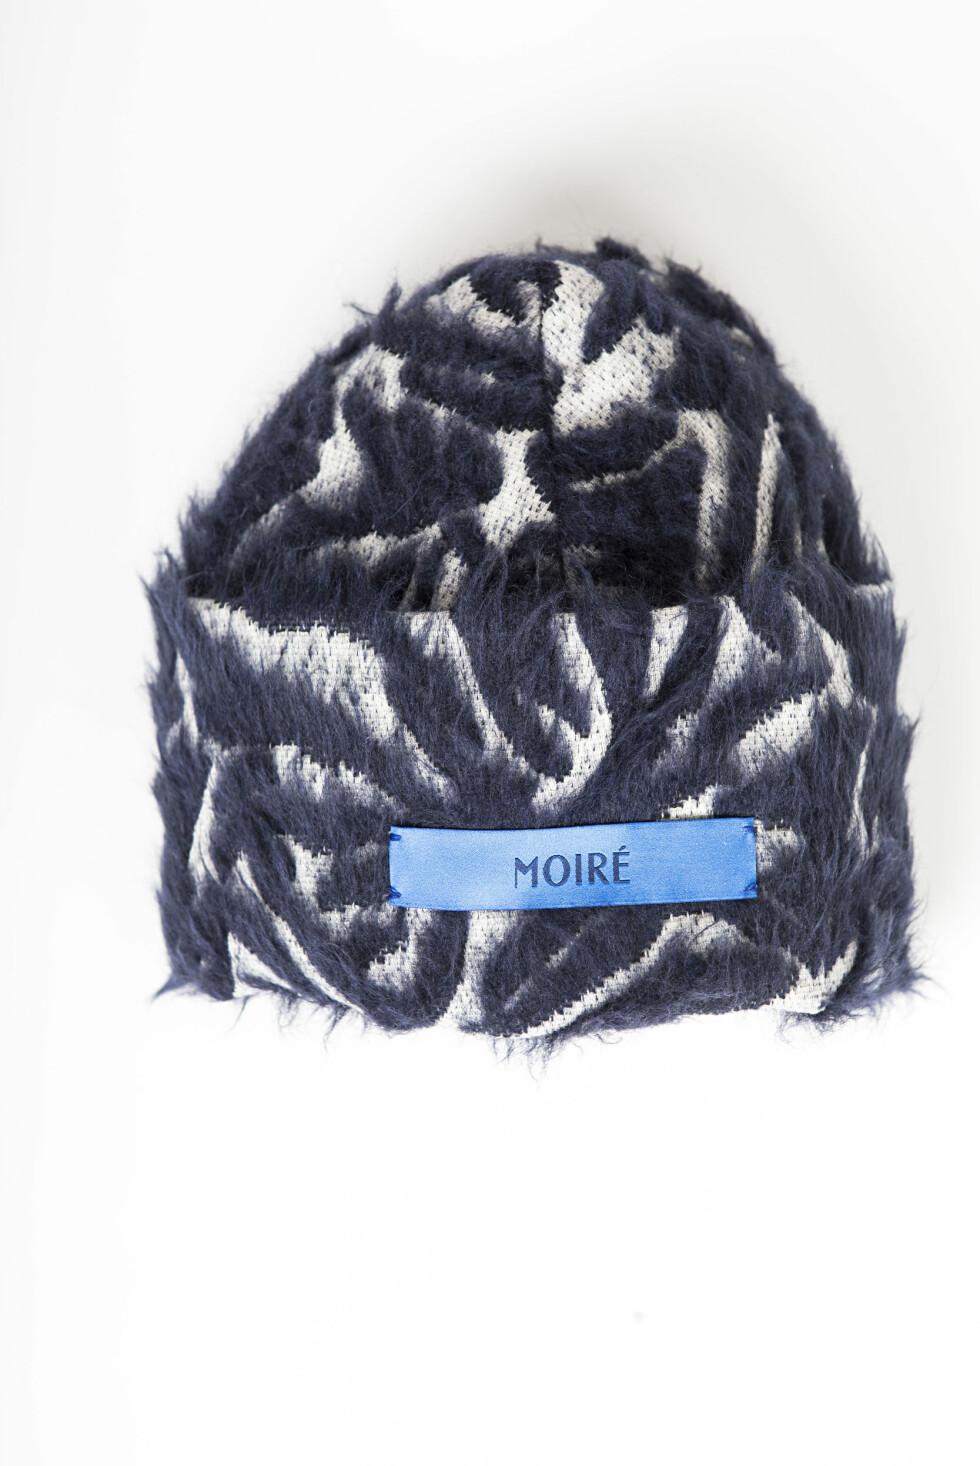 Moire, kr 900